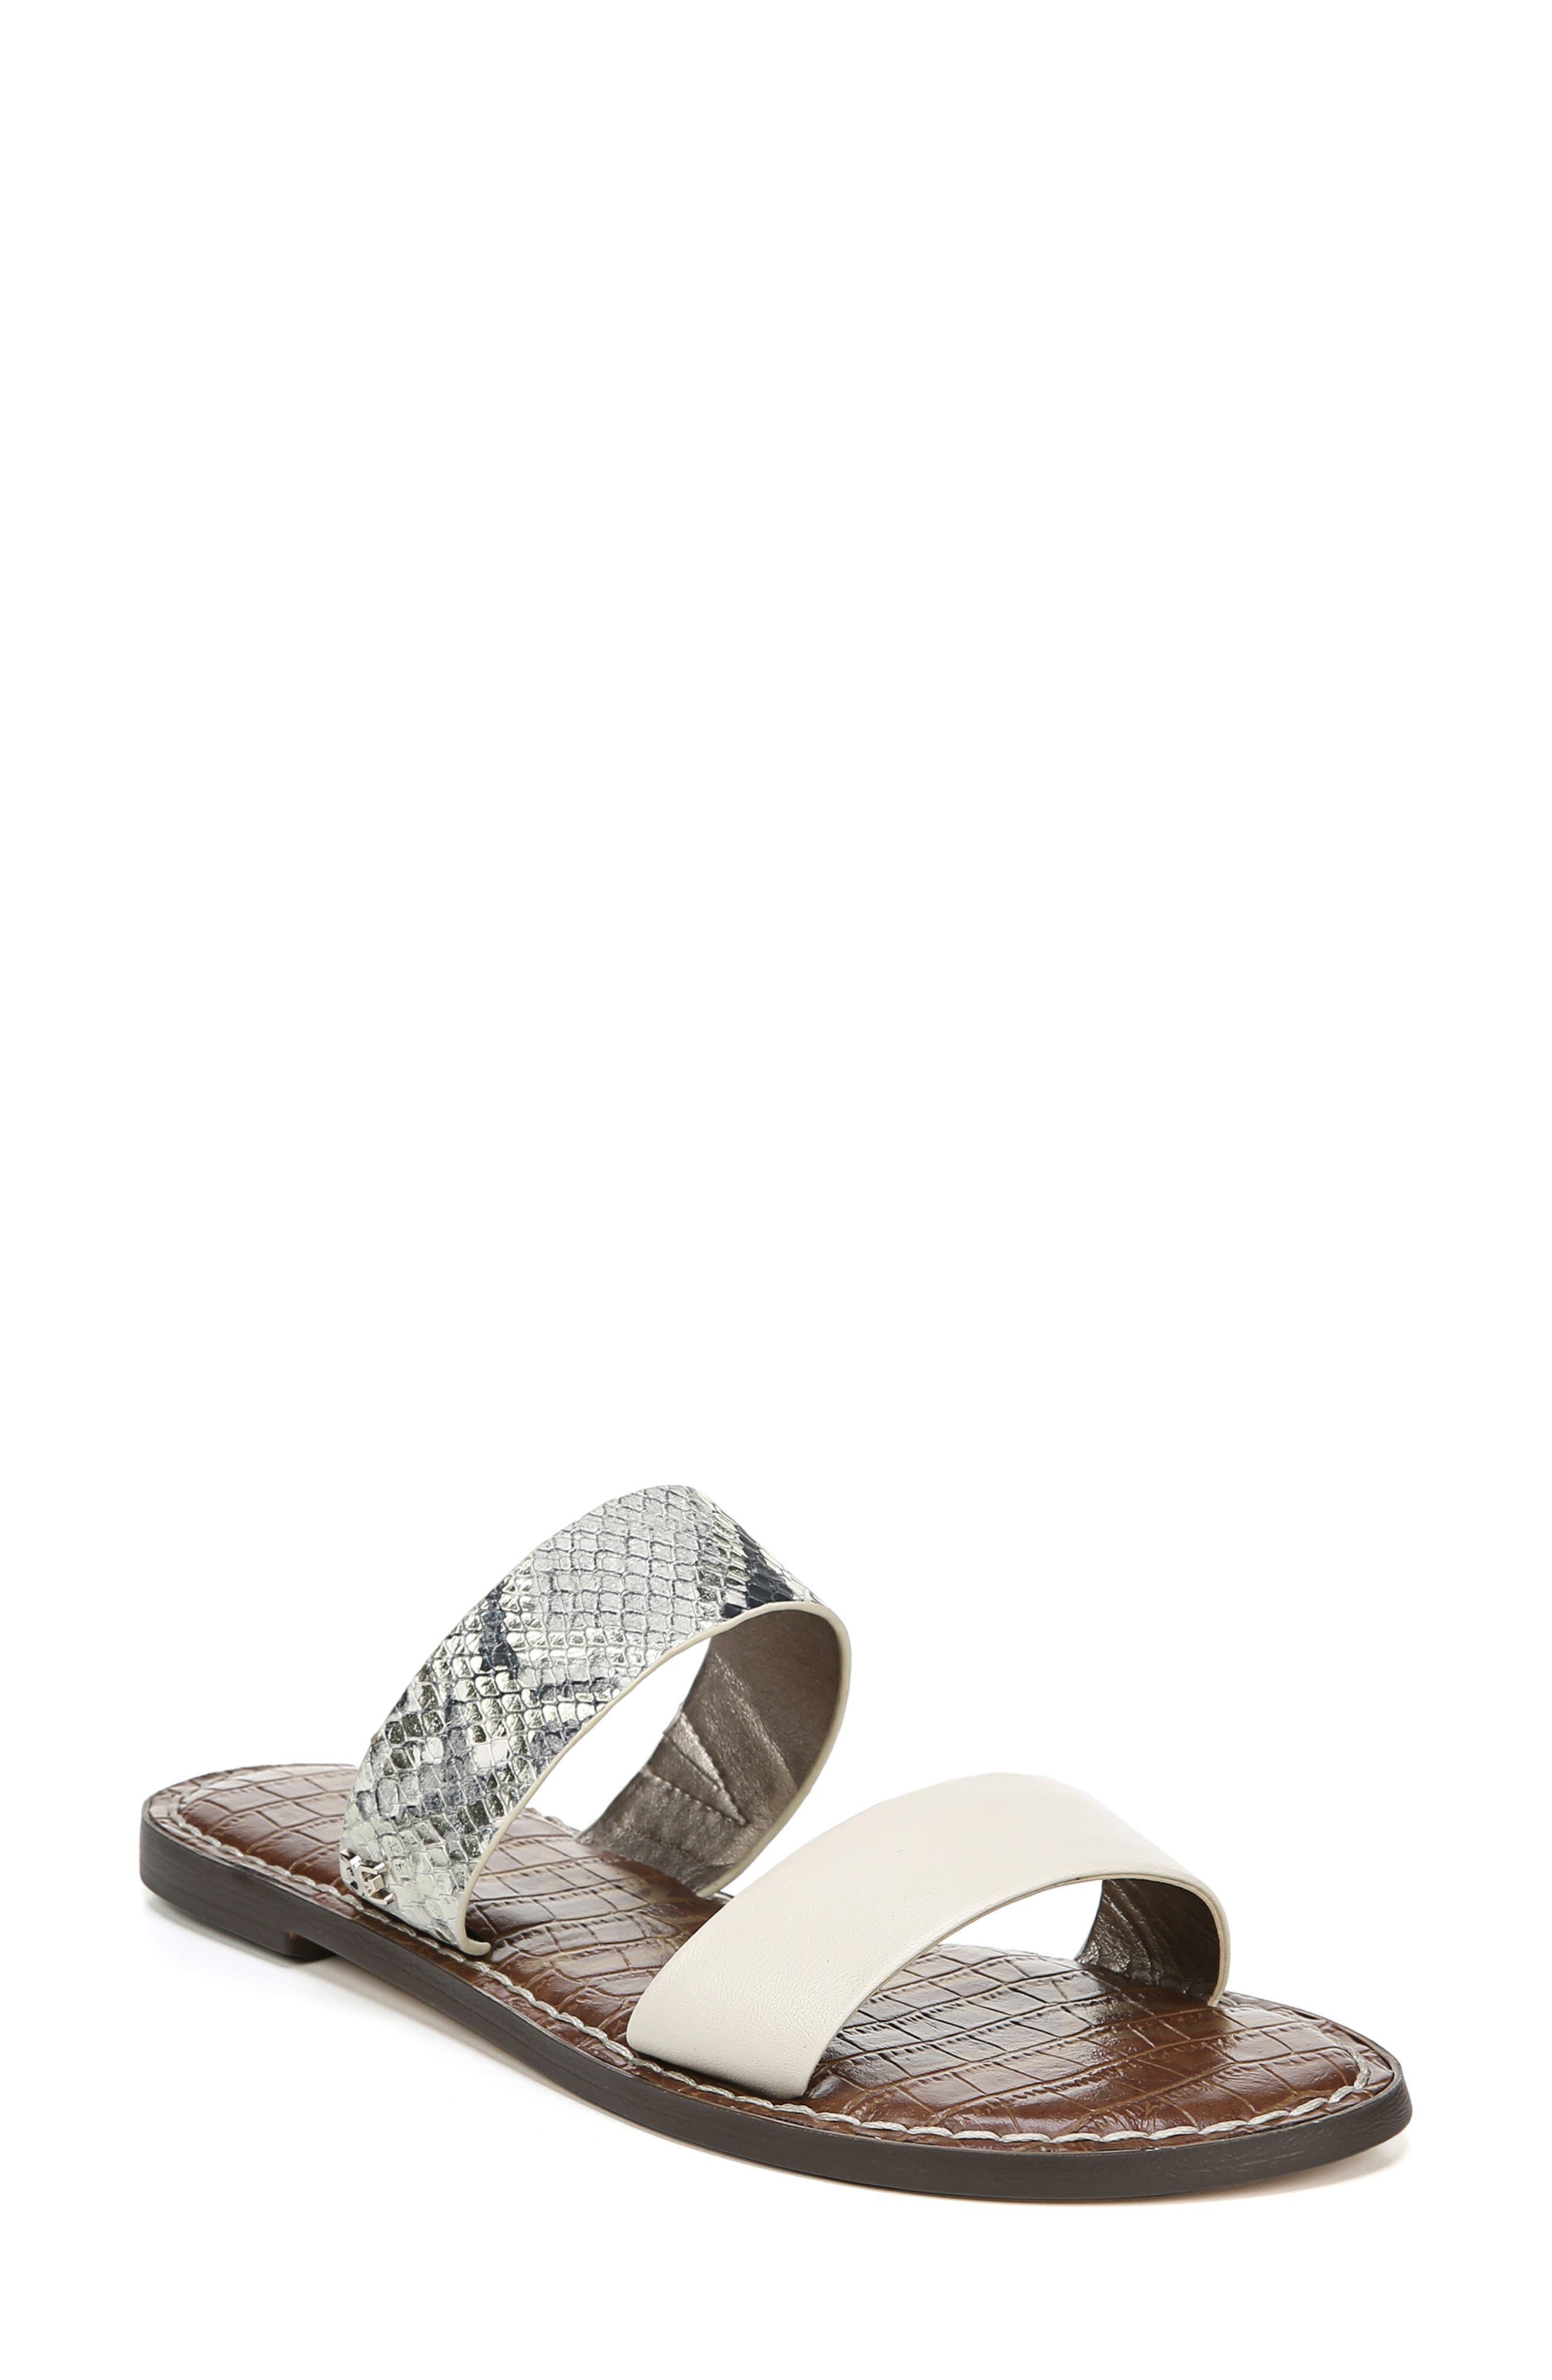 Sam Edelman Gala Two Strap Slide Sandal- Grey